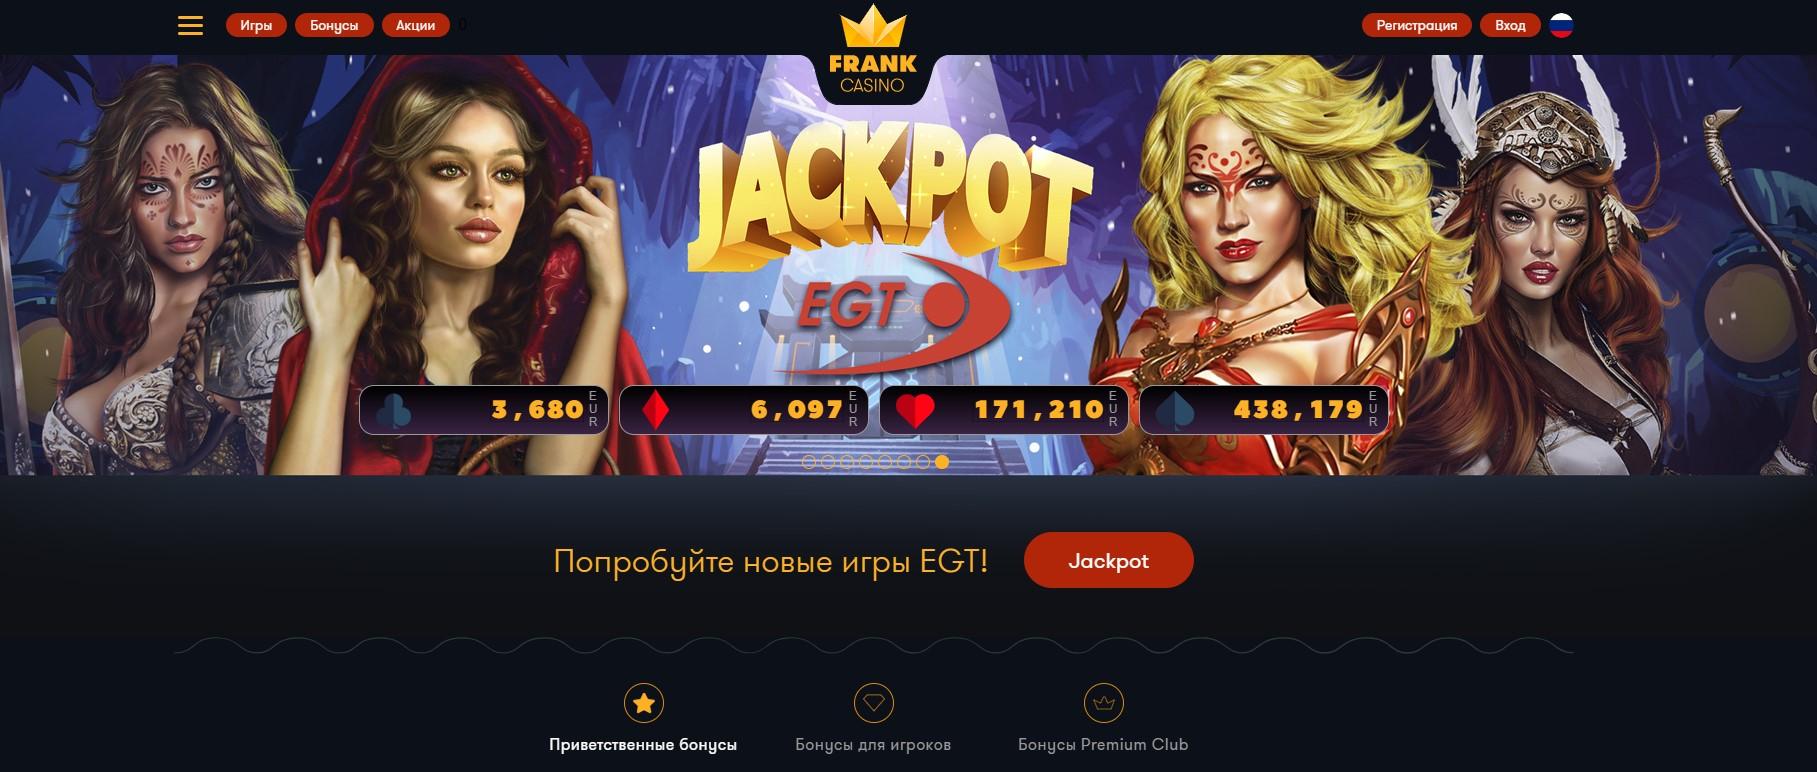 Frank Casino главная страница казино